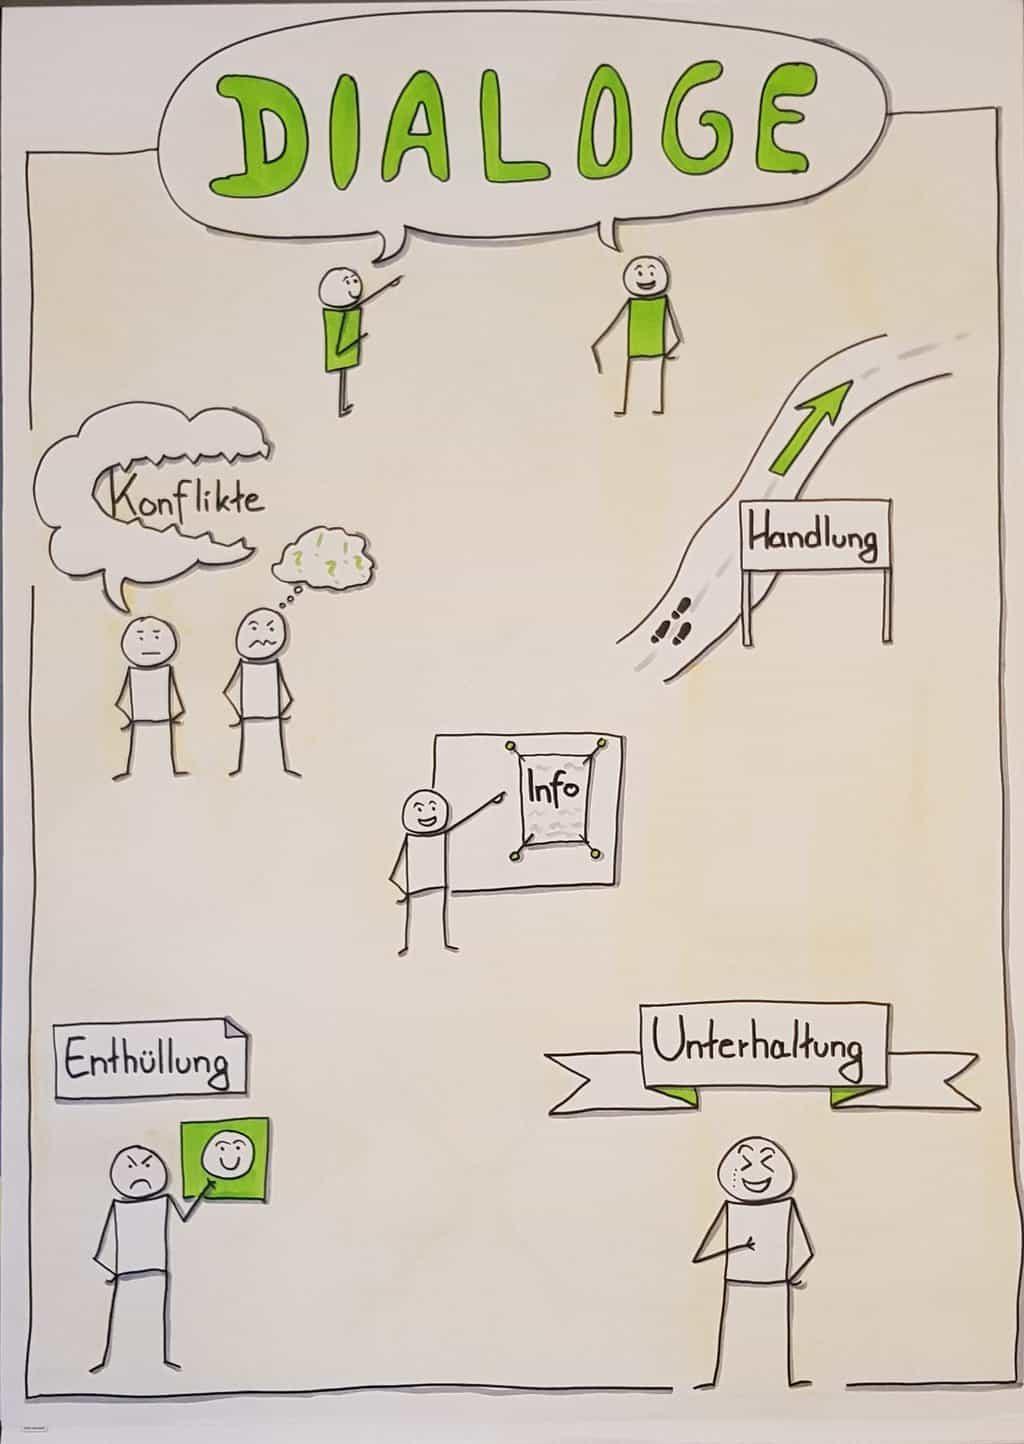 Dialoge sollten immer eine Funktion im Text erfüllen: Information, Unterhaltung, Konflikt, Handlung vorantreiben